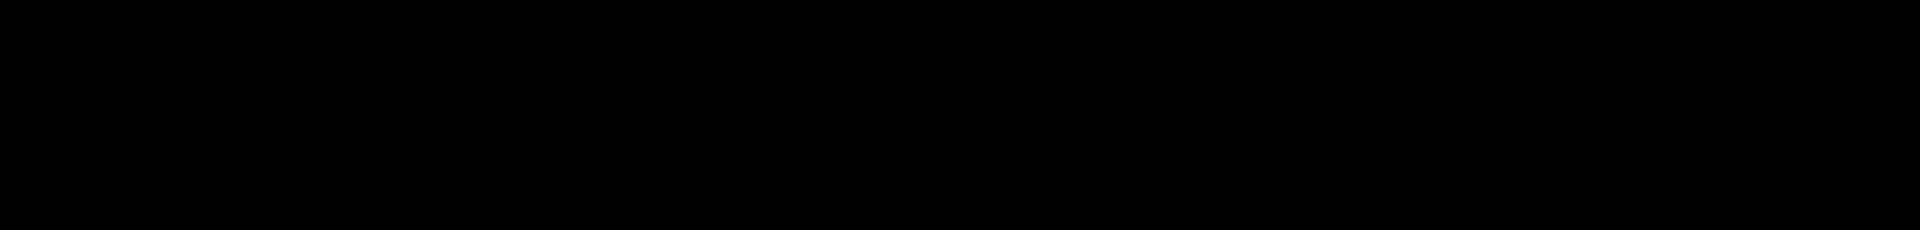 Rent the Runway logo